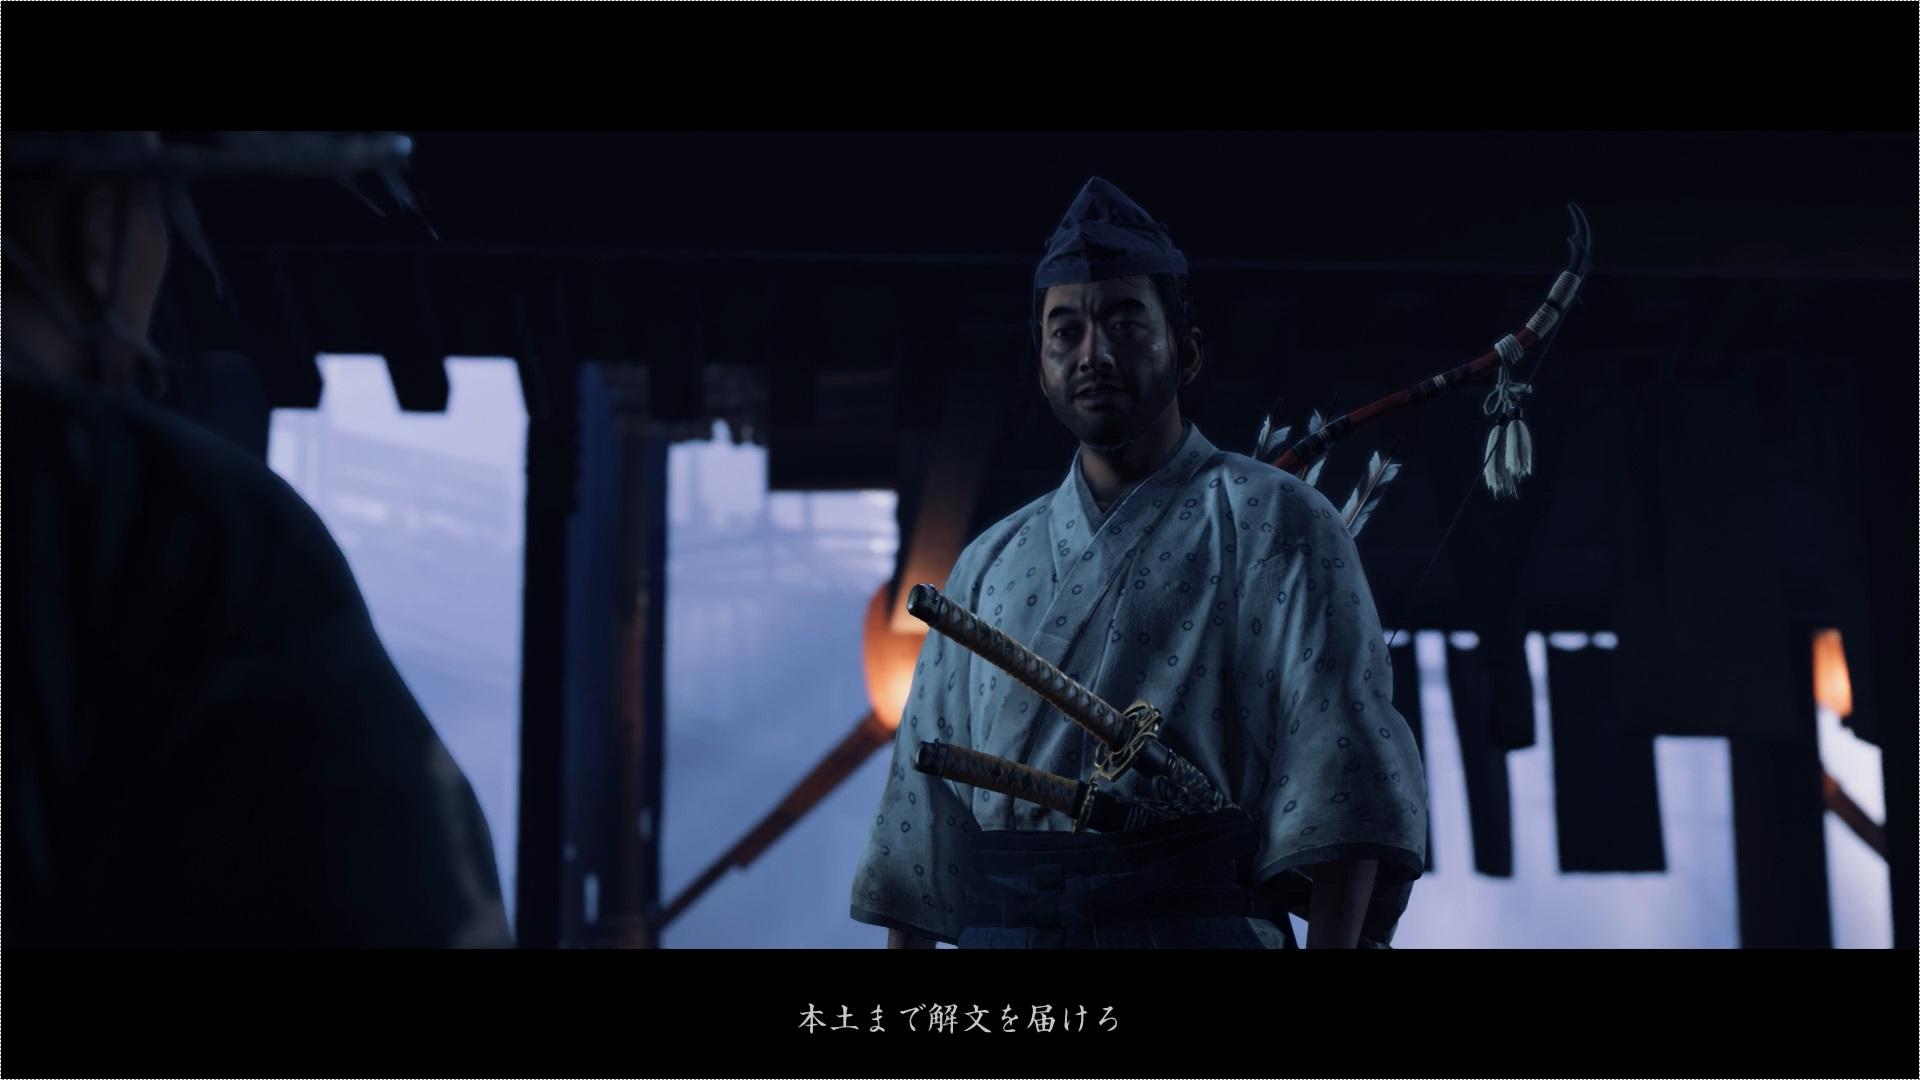 卯麦で五郎を見つけた仁。志村殿の指示通り、五郎に船を出すよう伝える。